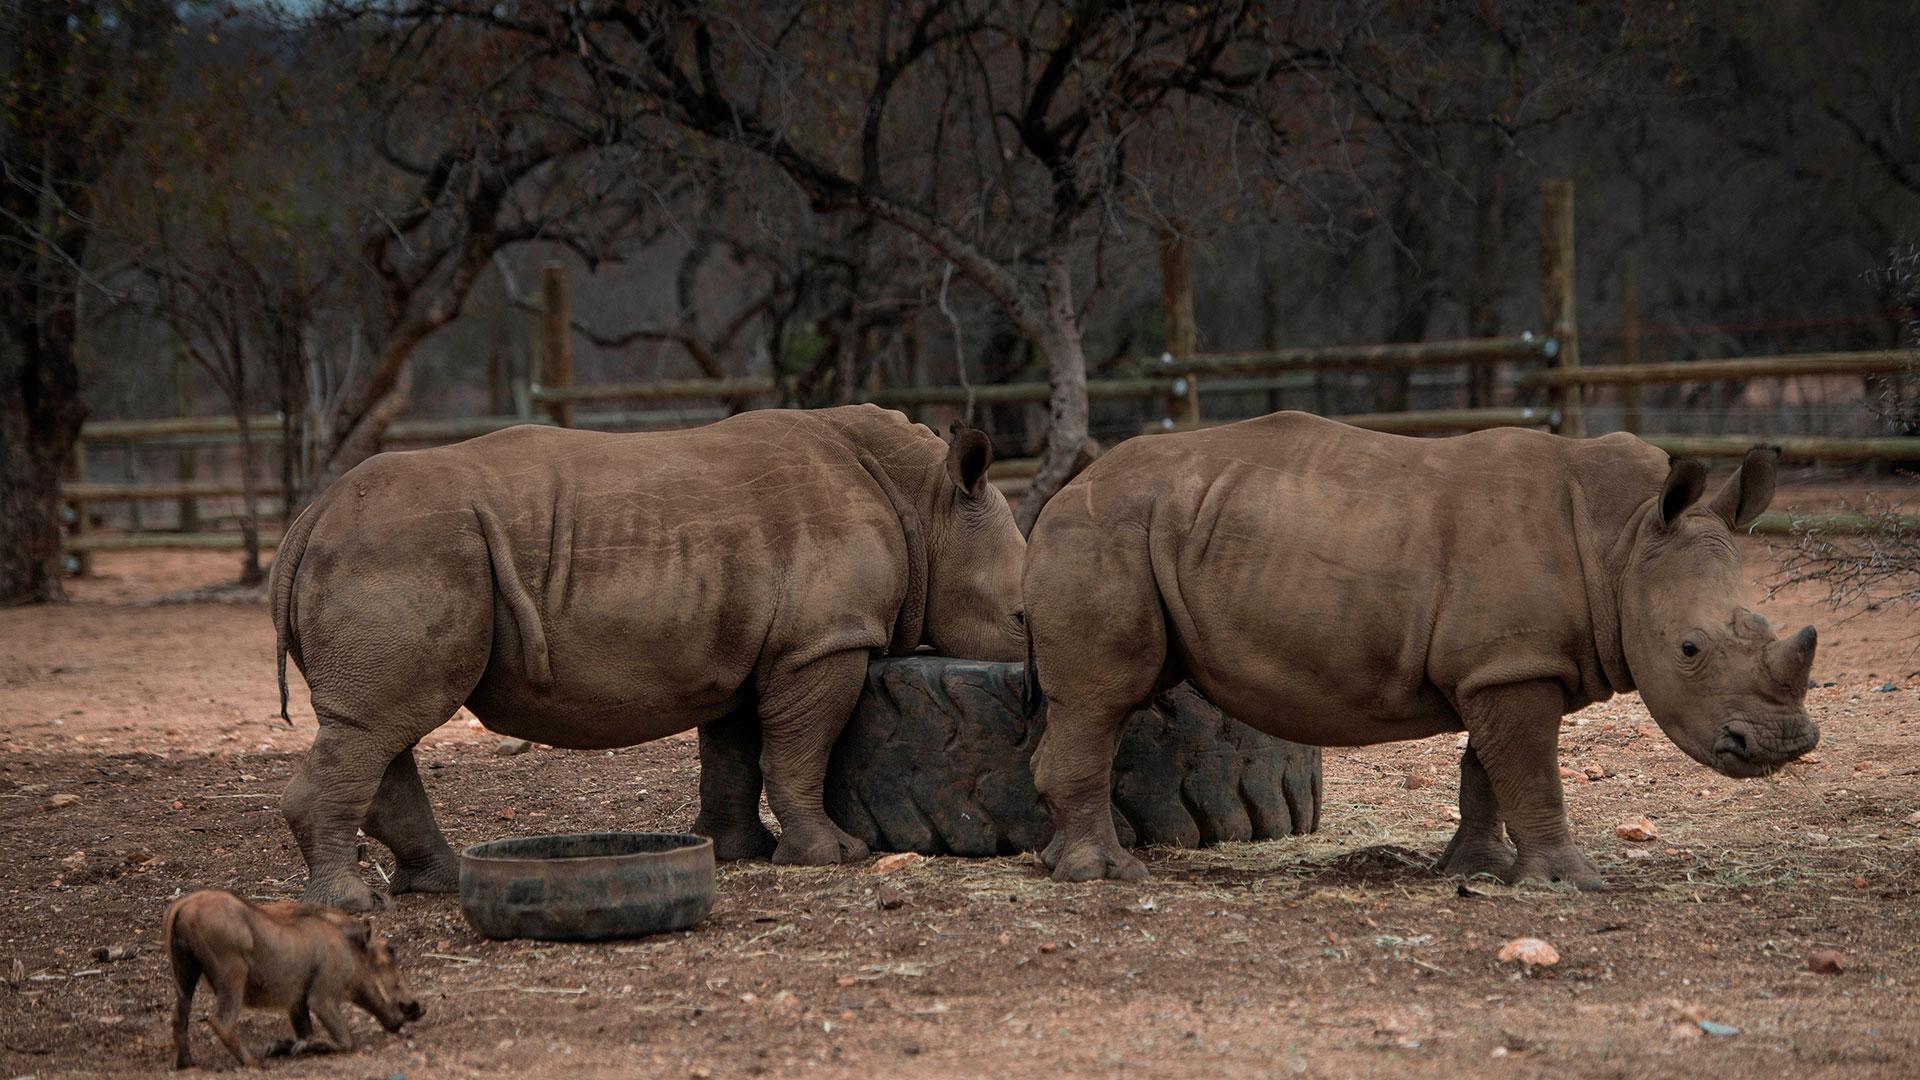 En 2015, cerca de 1.200 rinocerontes fueron blanco de la caza ilegal en Sudáfrica (AFP)